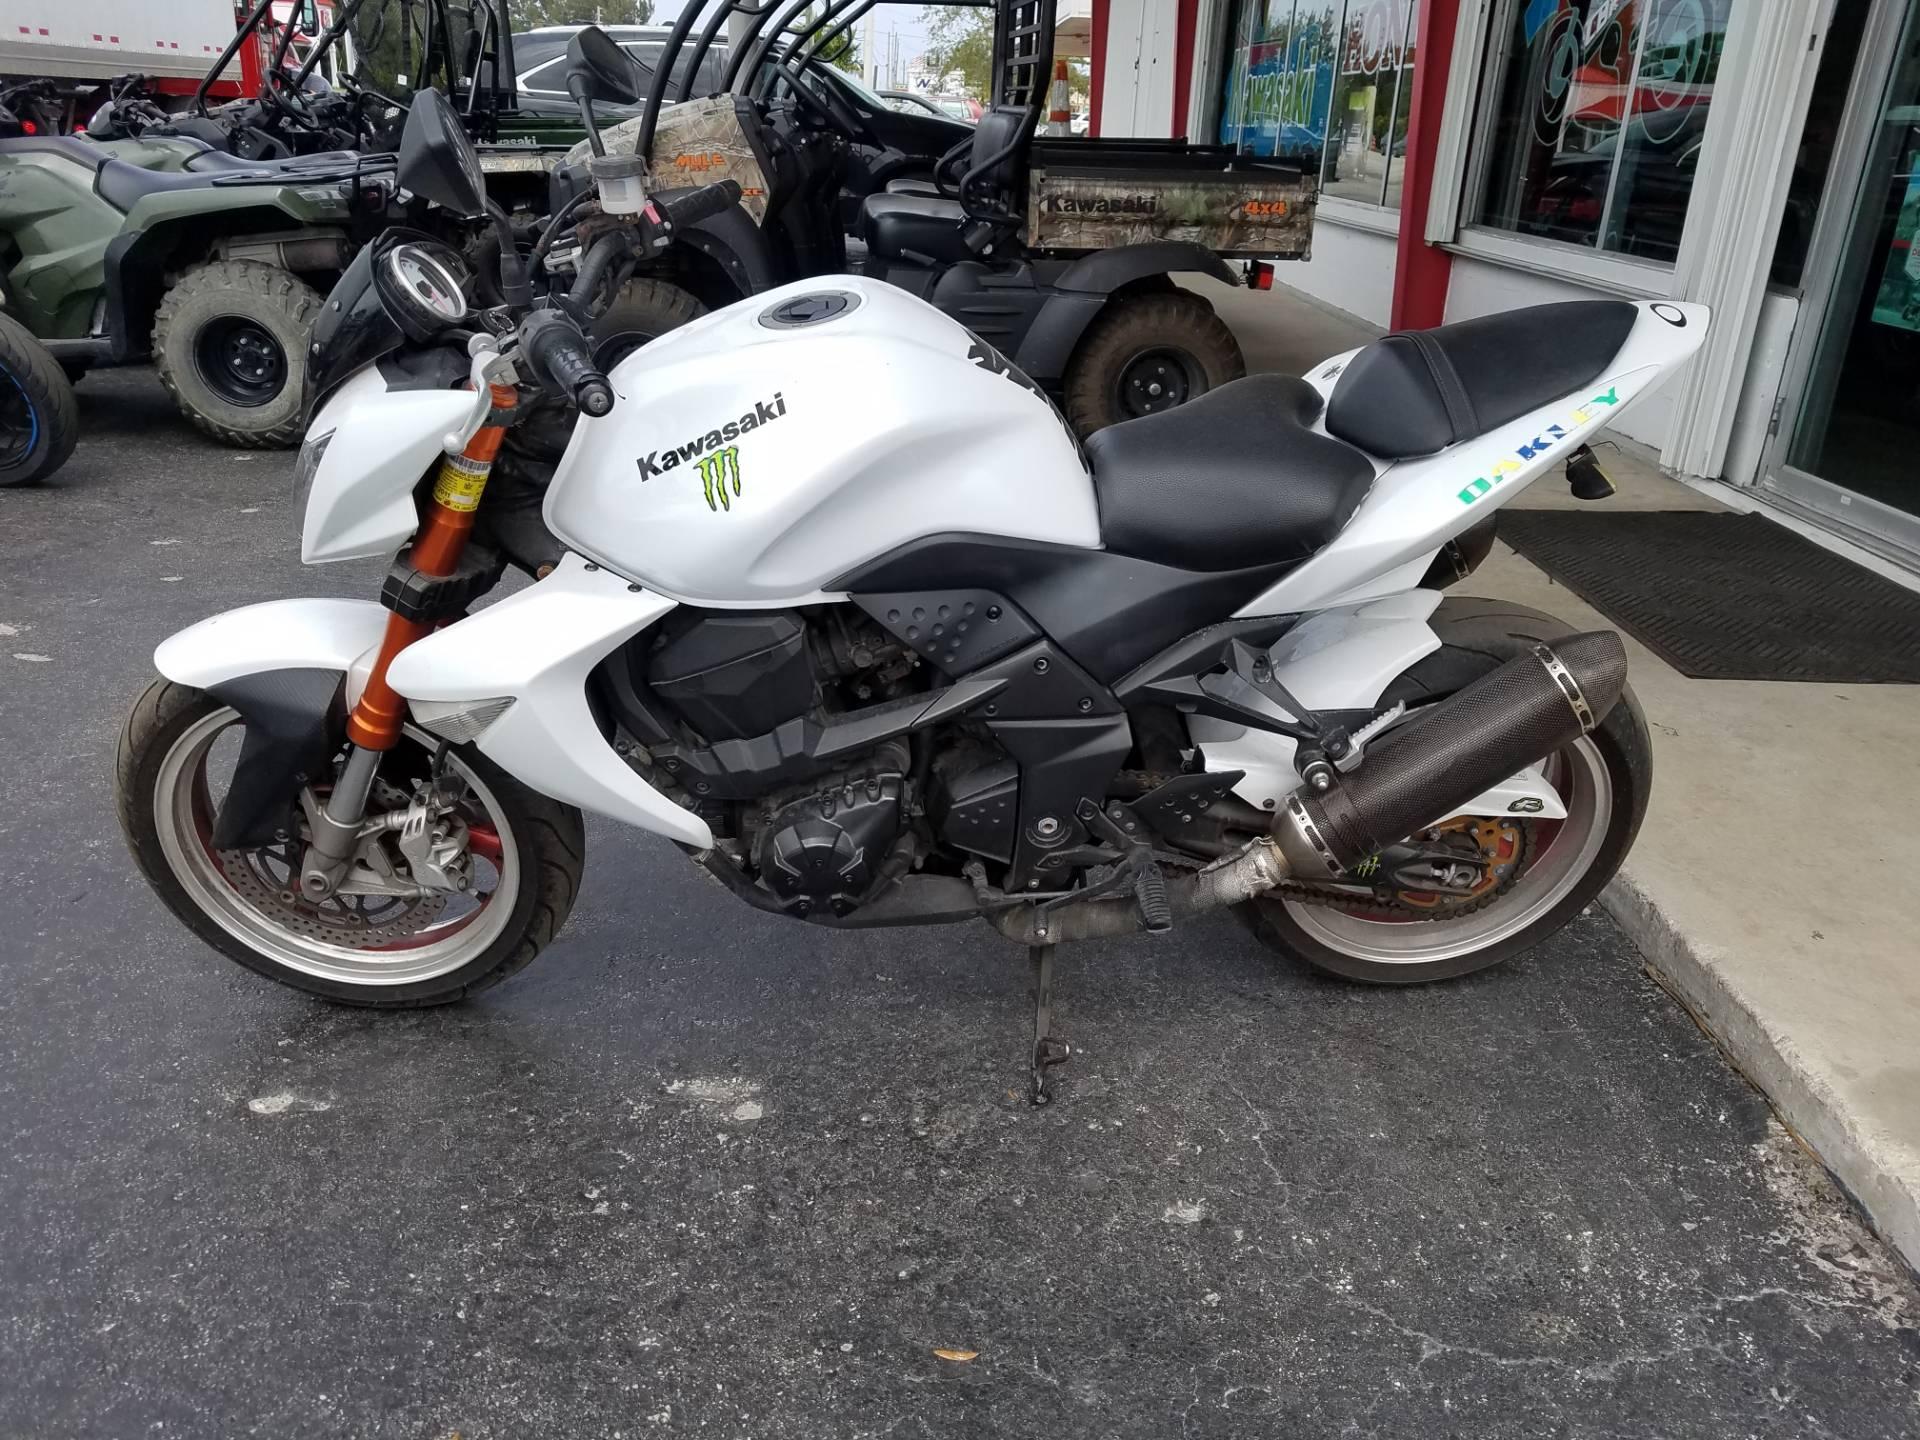 Used 2008 Kawasaki Z1000 Motorcycles In Fort Pierce Fl Stock